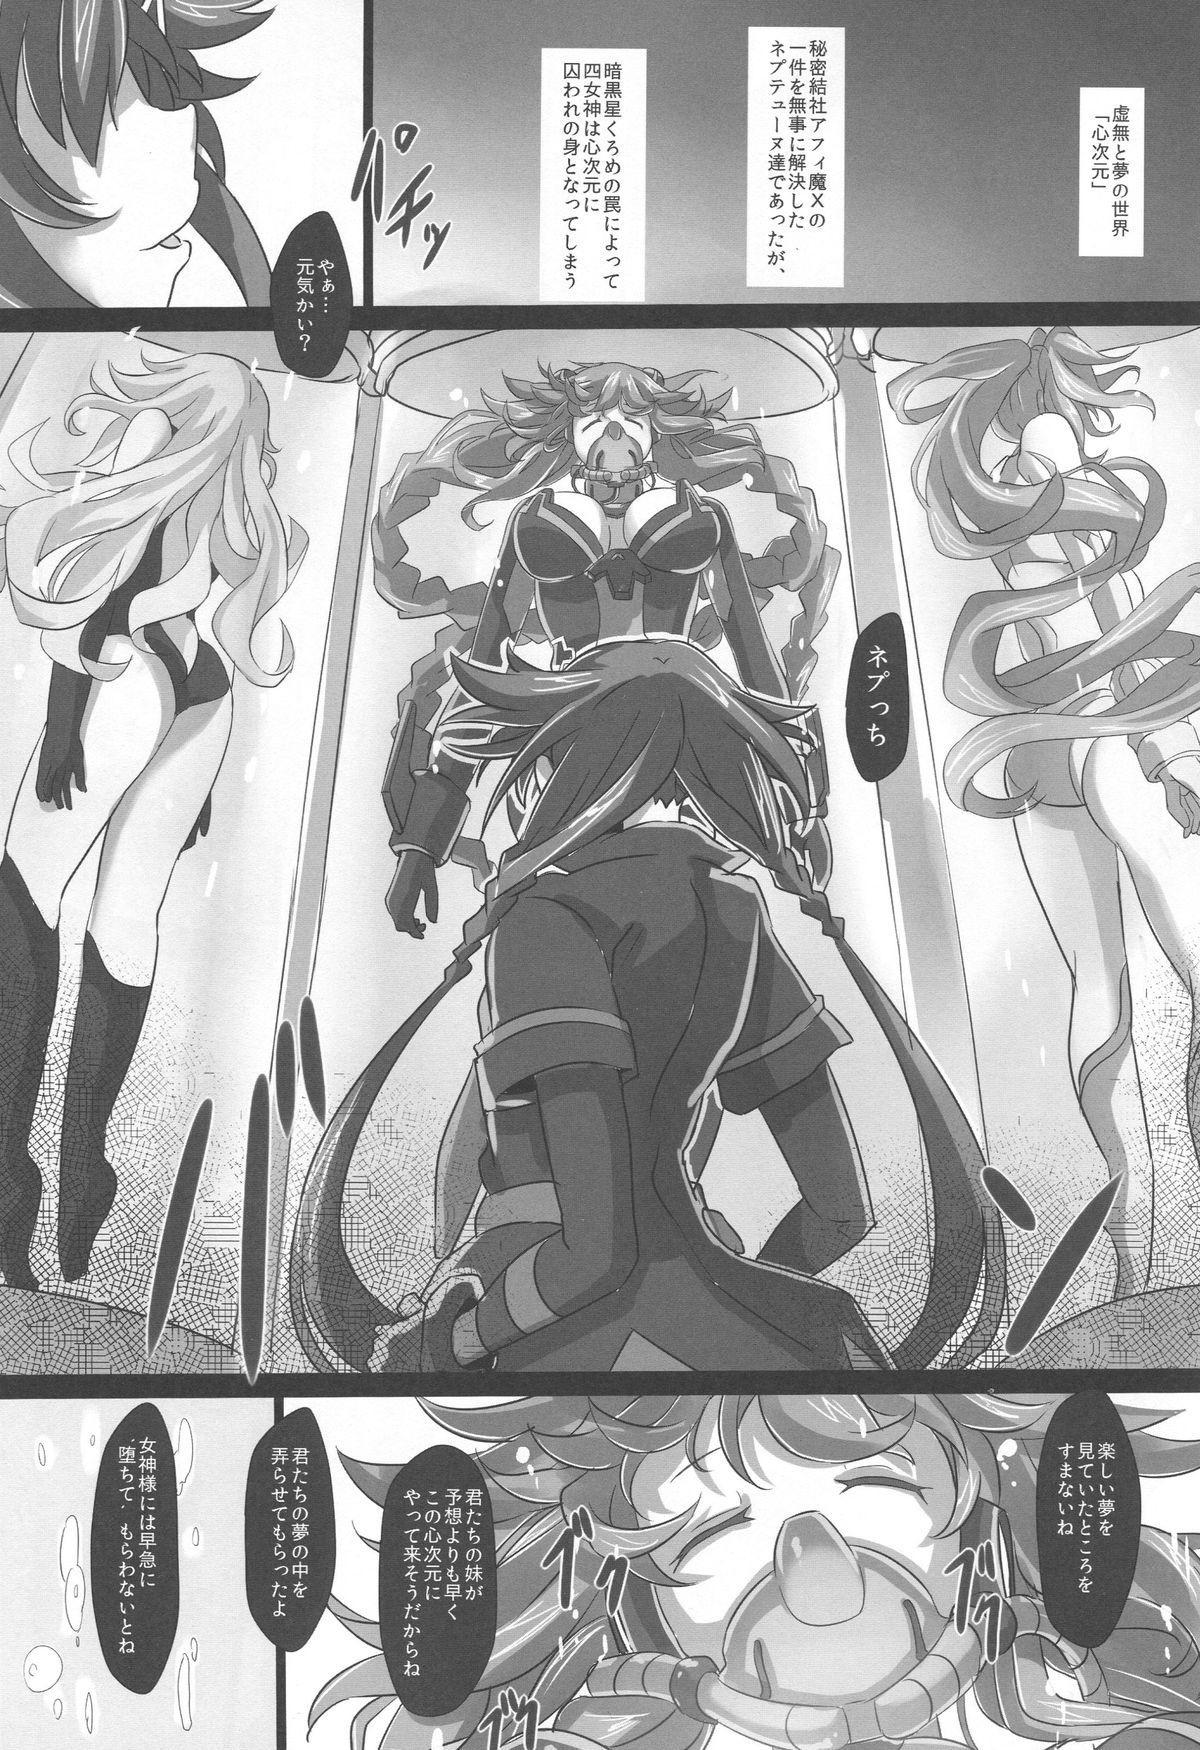 Nightmare of goddess 1